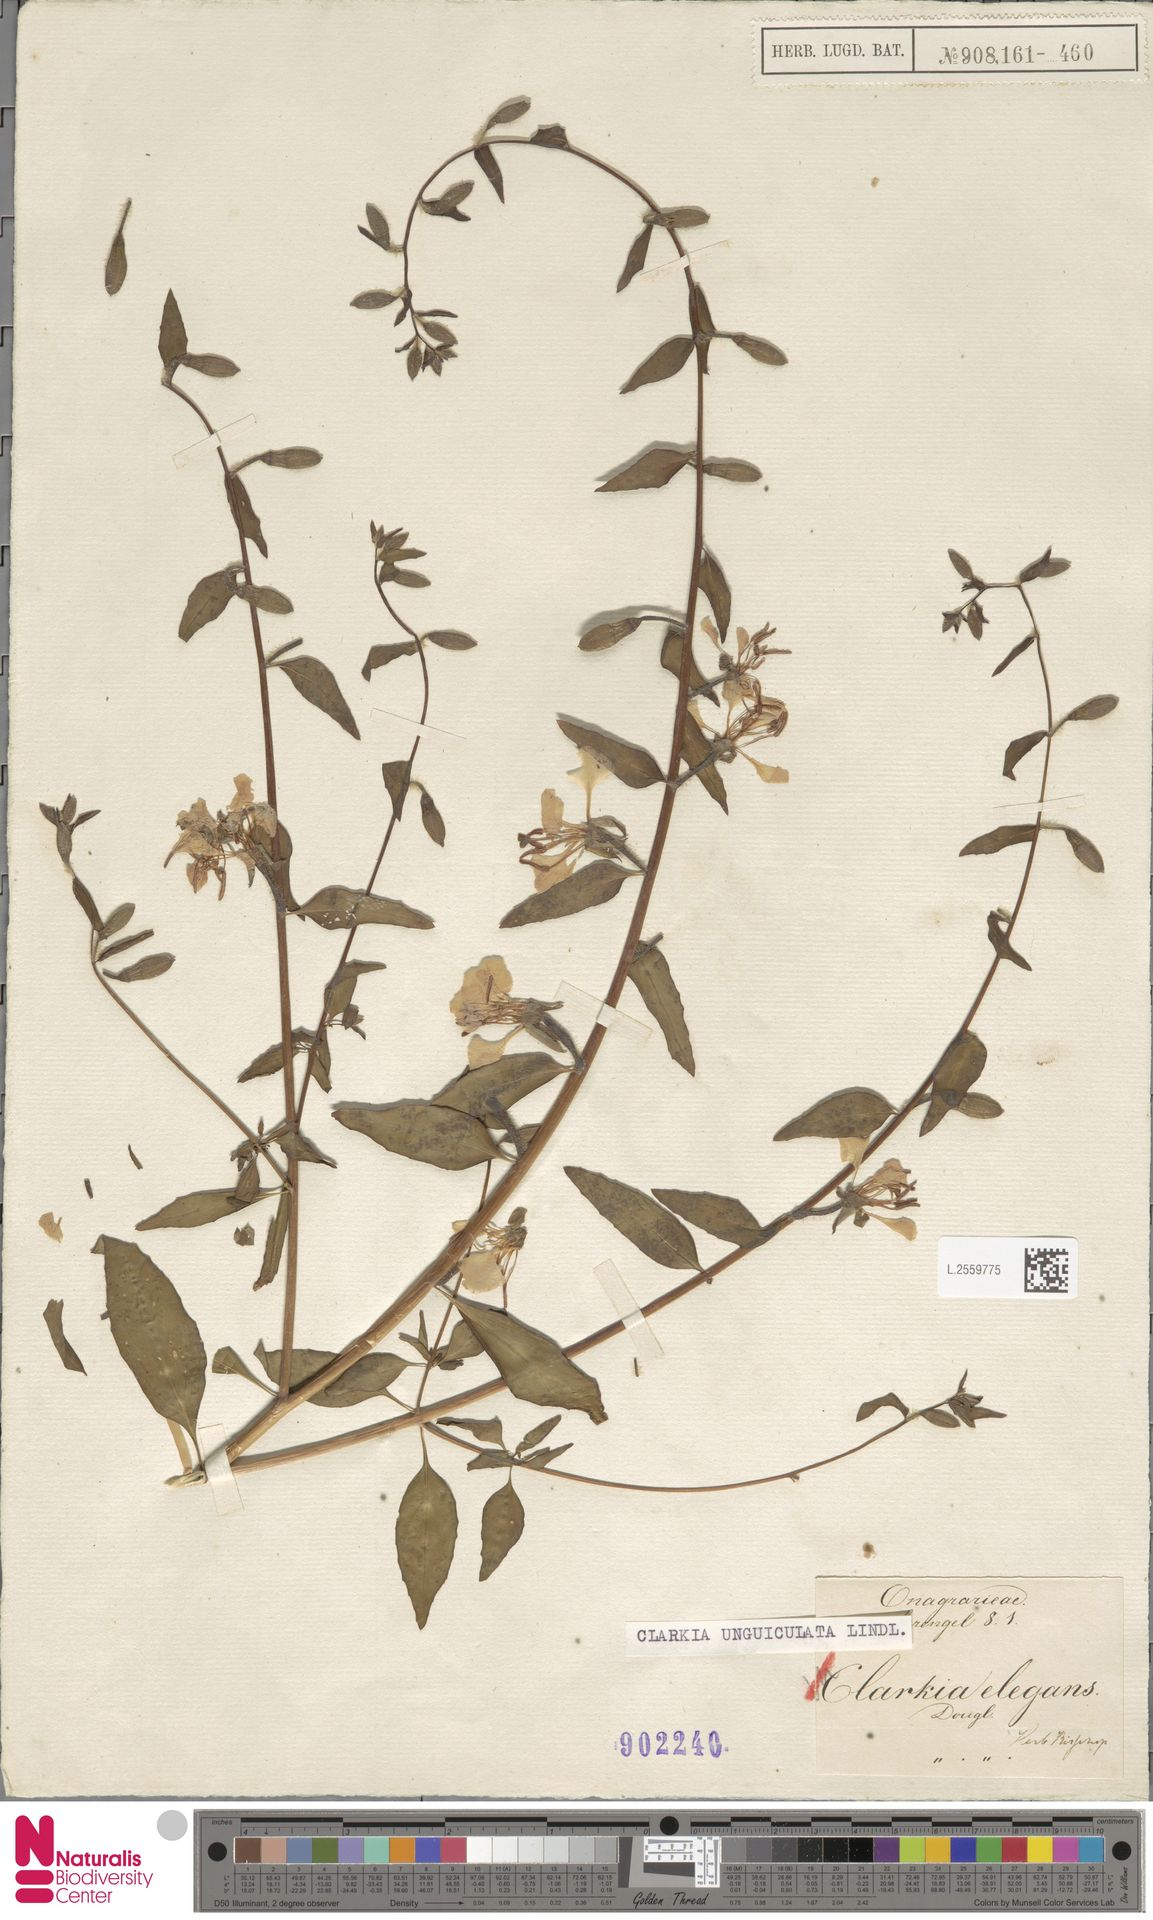 L.2559775   Clarkia unguiculata Lindl.